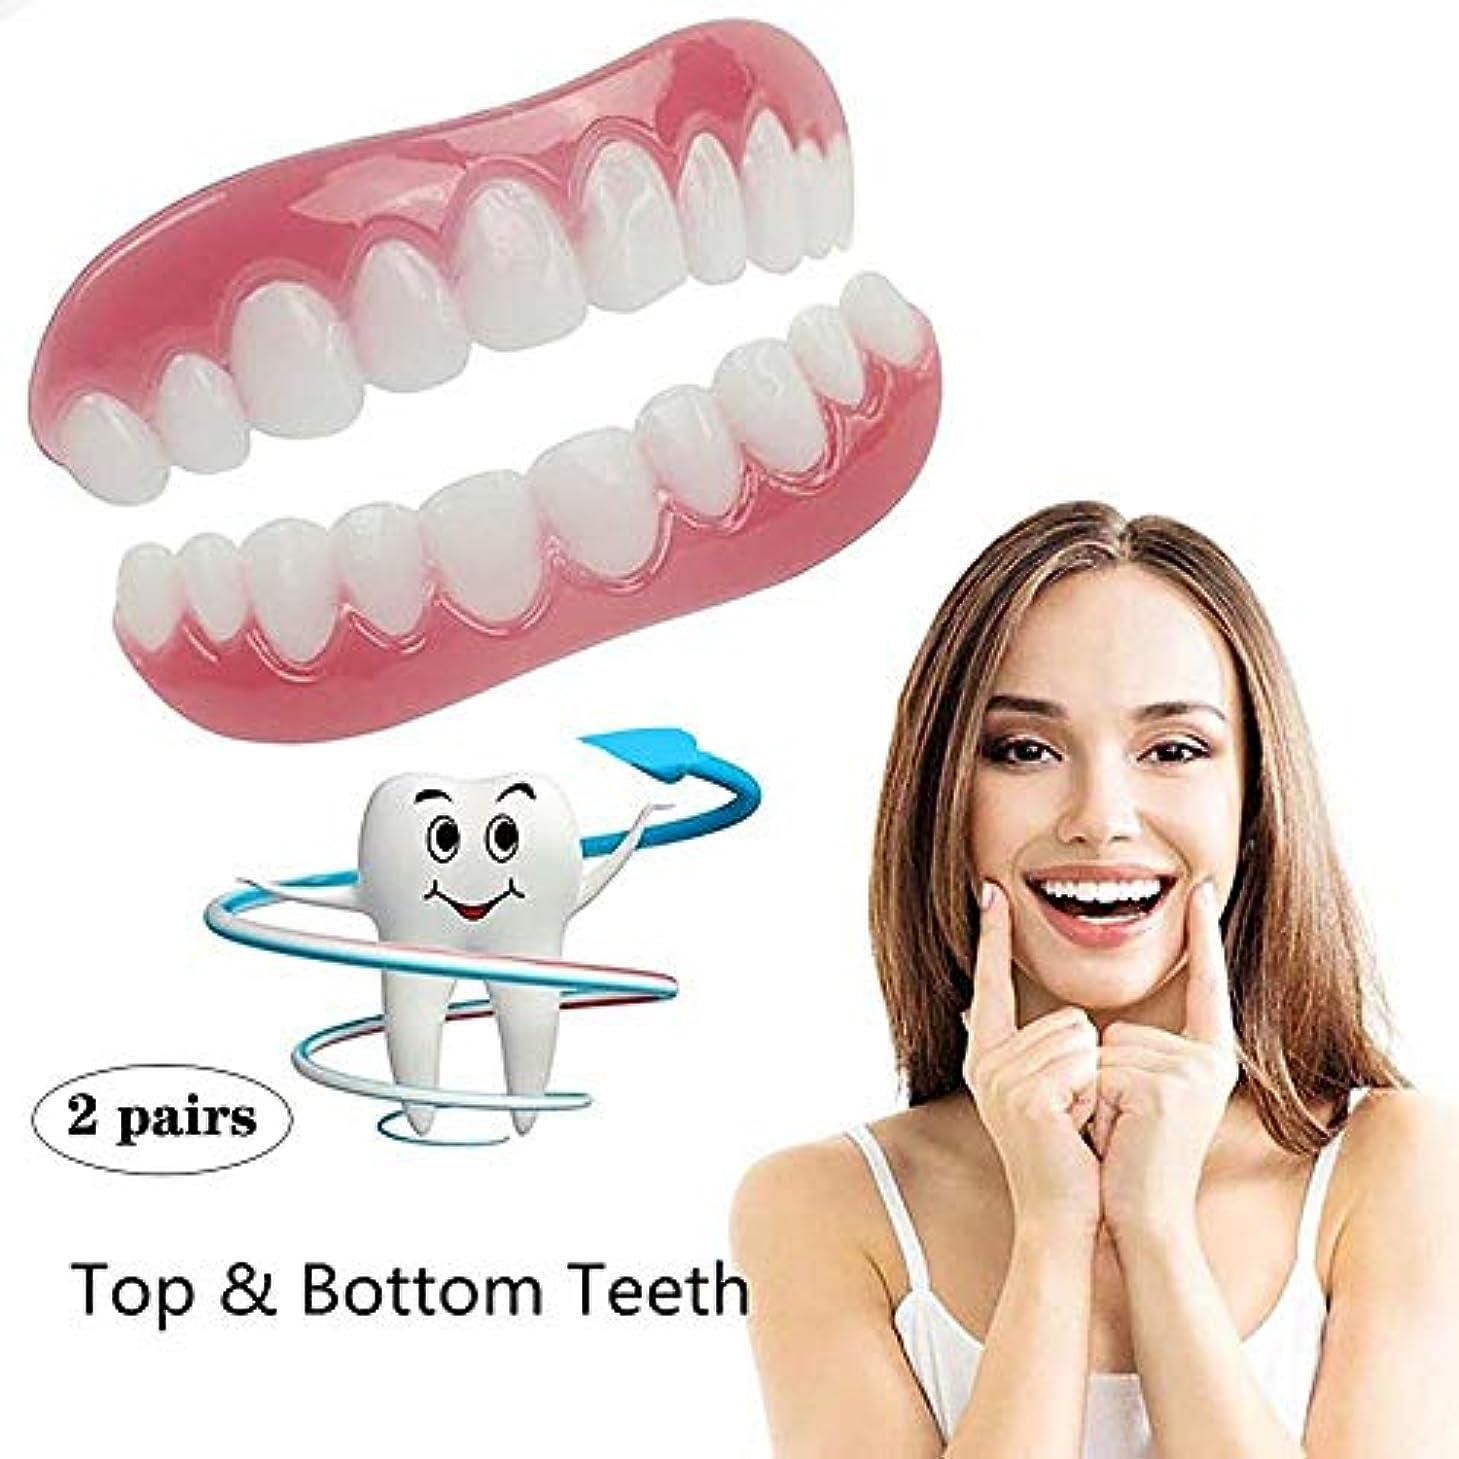 違反するカメラ免疫する2対の歯のベニヤ化粧品の歯のスナップオンセキュアアッパーロアフレックスデンタルベニア義歯ケアファッション